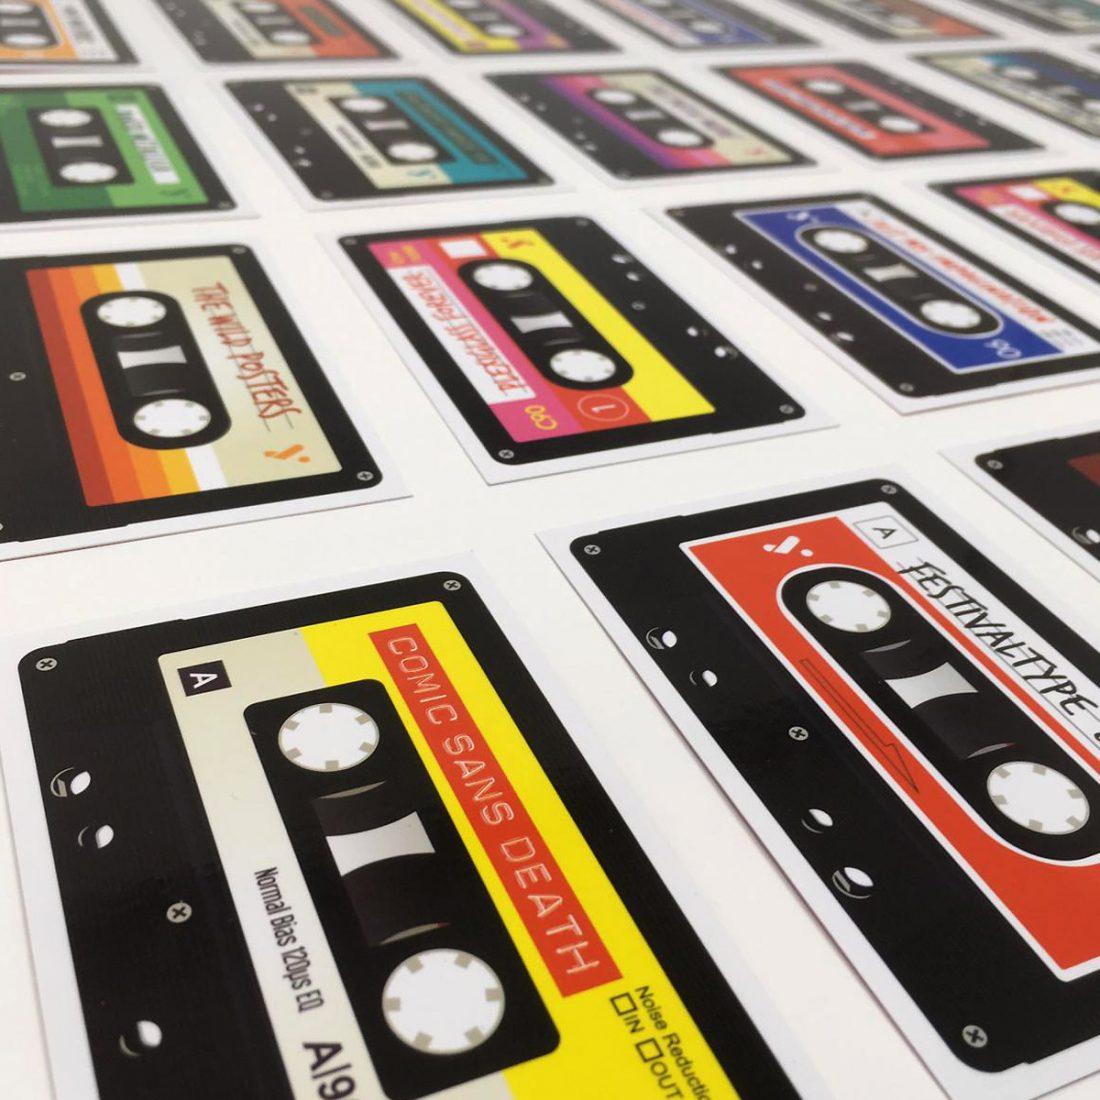 Il gioco memory a tema anni '80 per Printaly. Intervista a Paola Patrizi